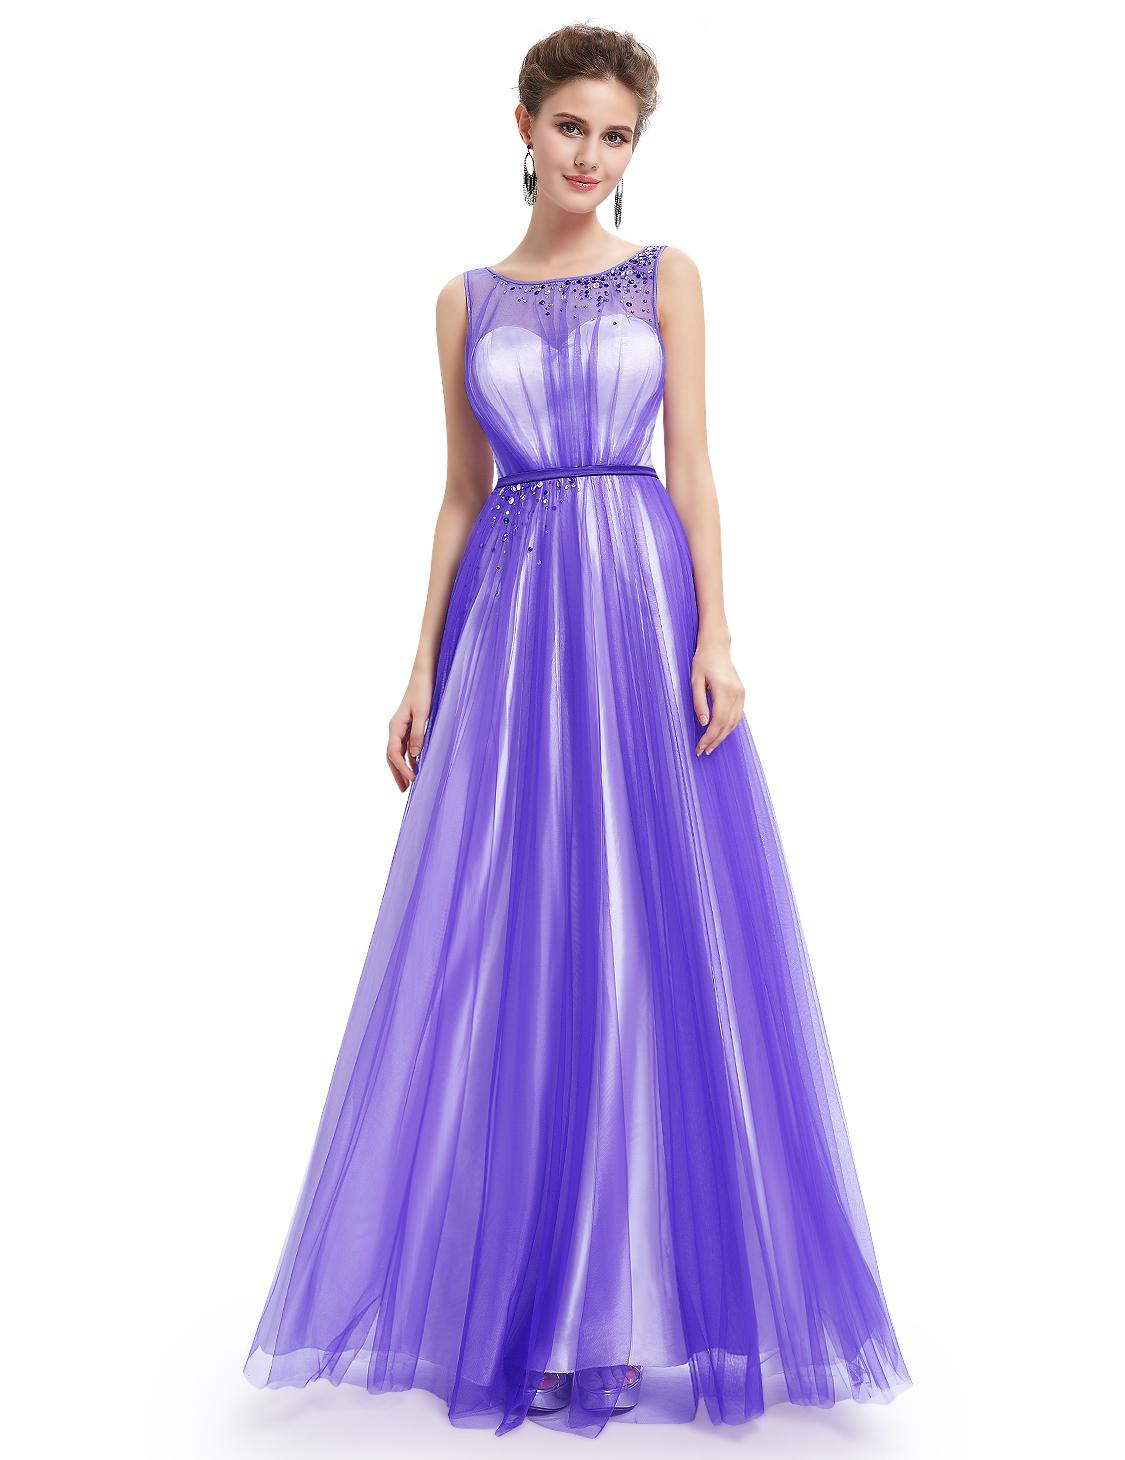 Сбор заказов. Крассивейшие платья на любой вкус, размер и кошелек. Огромный выбор на все случаи жизни. Сбор - 15.